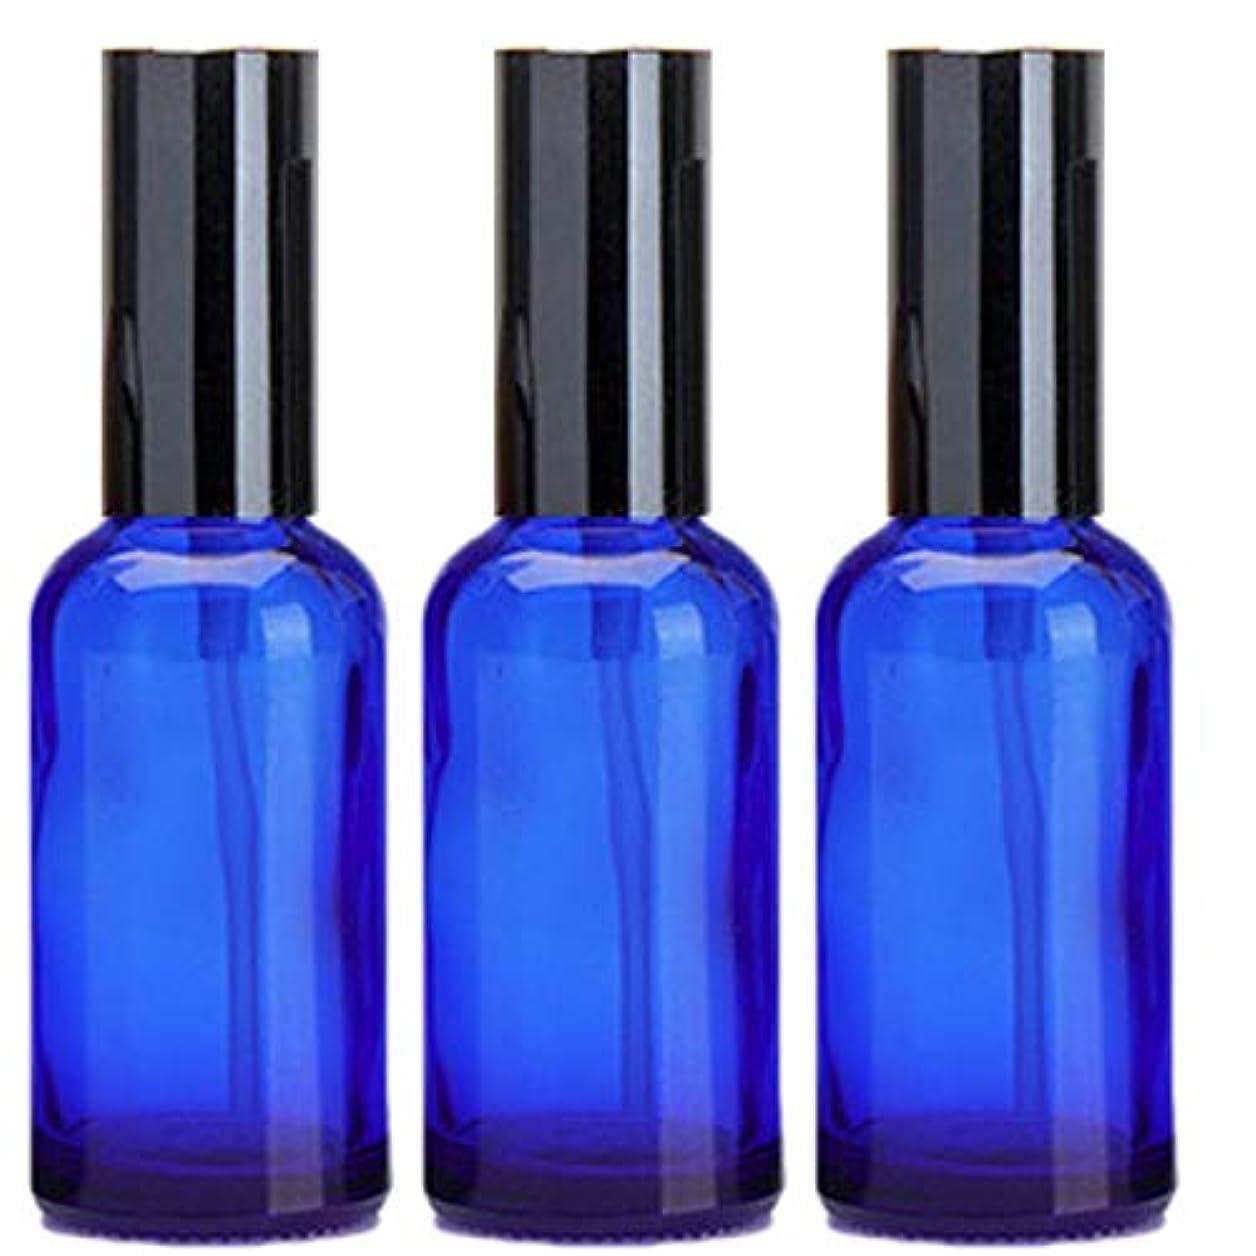 アライアンス古代怠けた乳液 ボトル 3本セット クリーム容器 アロマクリーム ハンドクリーム 遮光瓶 ガラス 瓶 アロマ ボトル ビン 保存 詰替え 青色 ブルー (30m?3本)